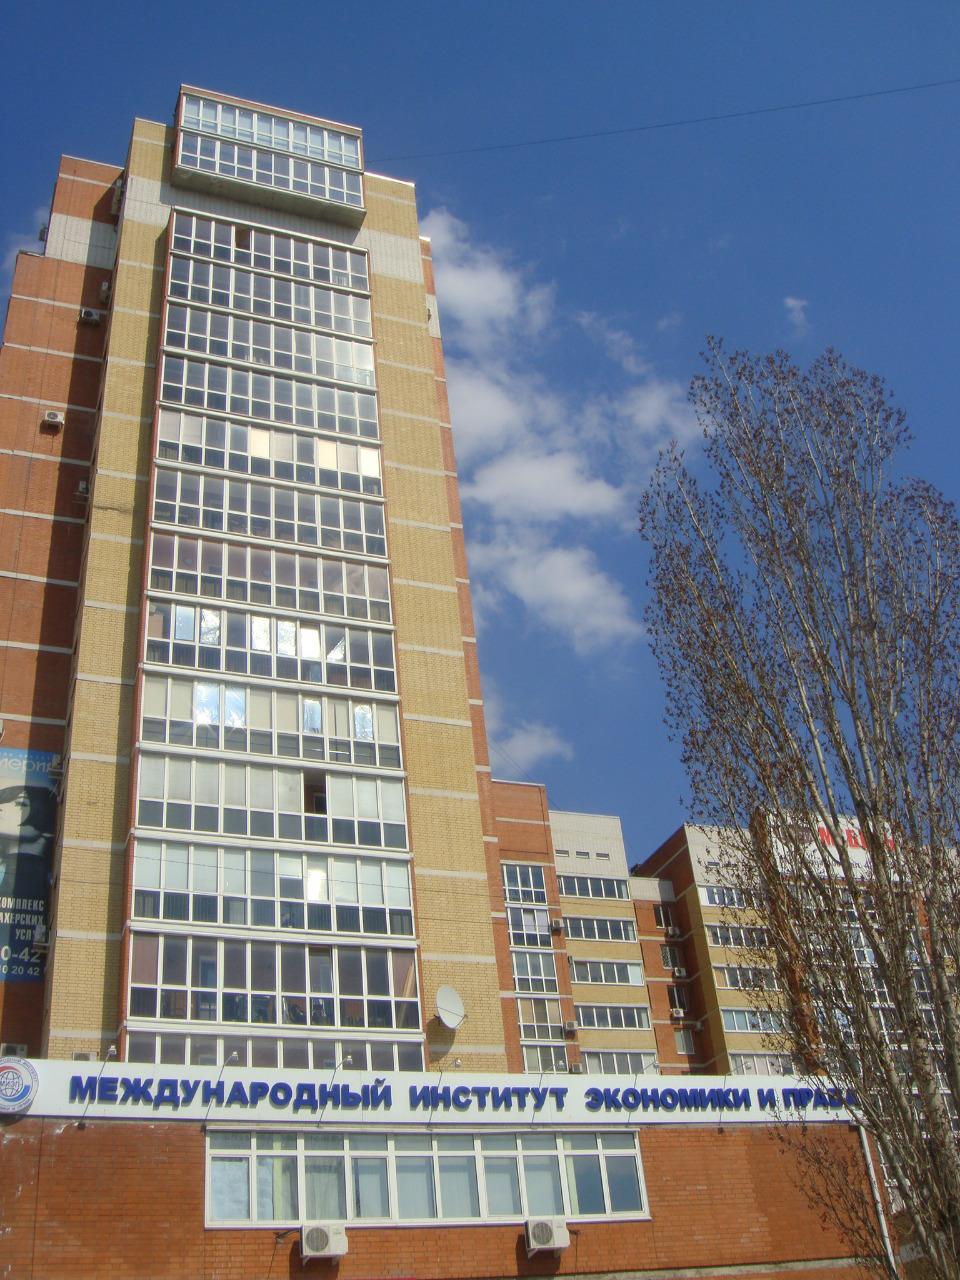 Международный институт экономики и права — филиал в г. Волгоград